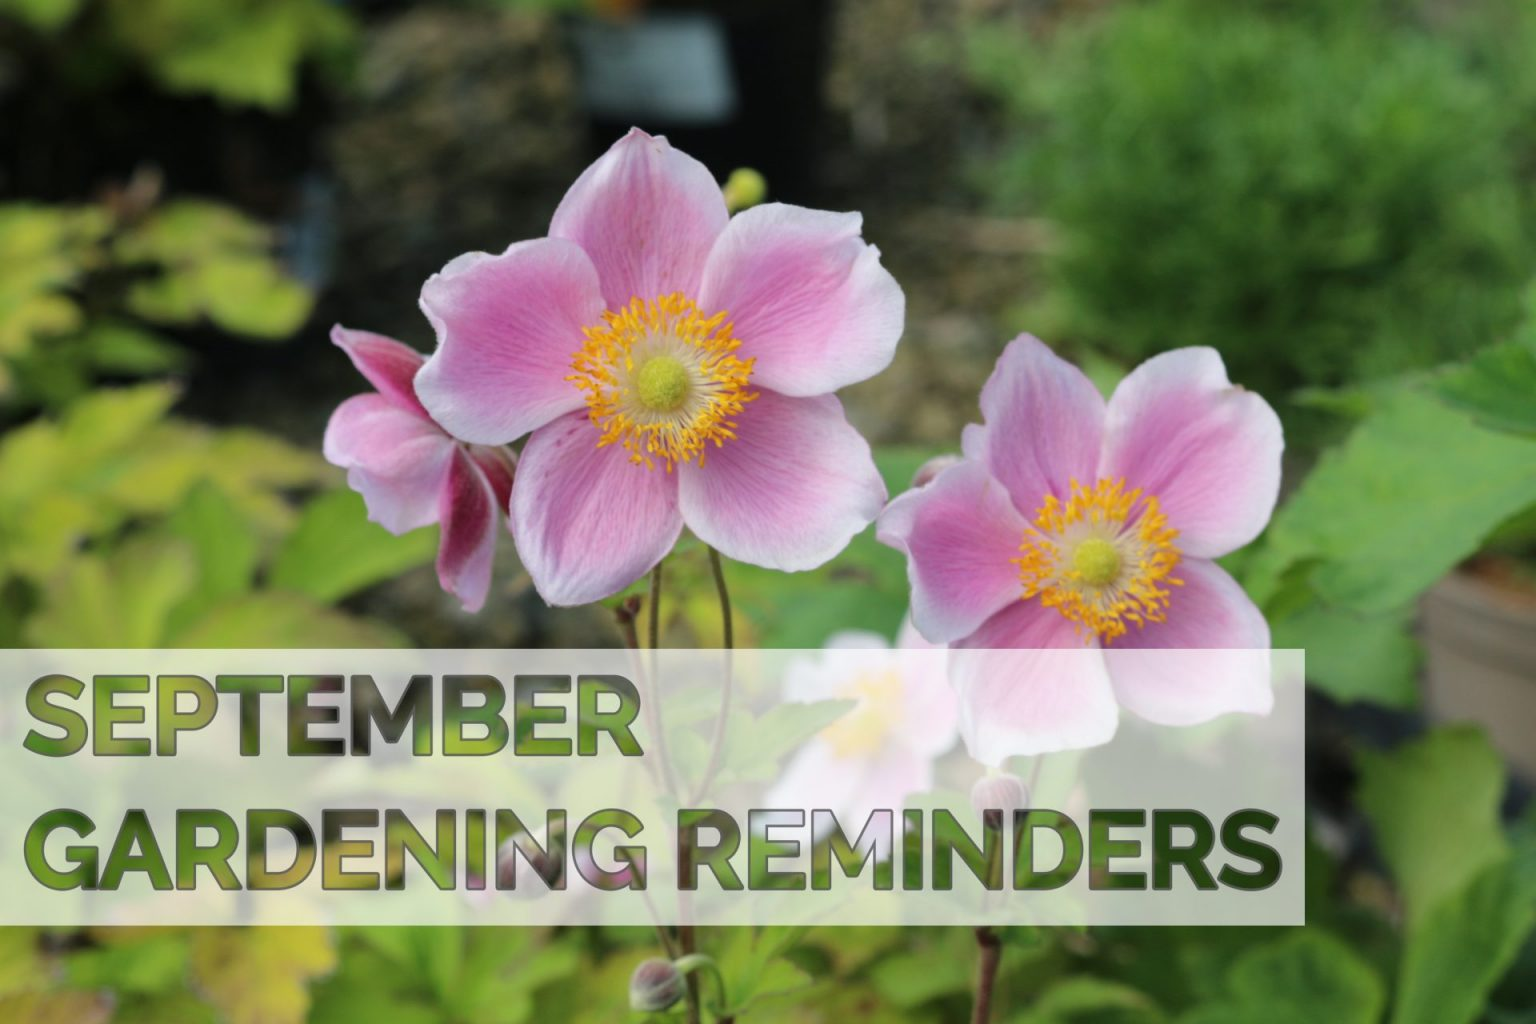 September 2020 Gardening Reminders